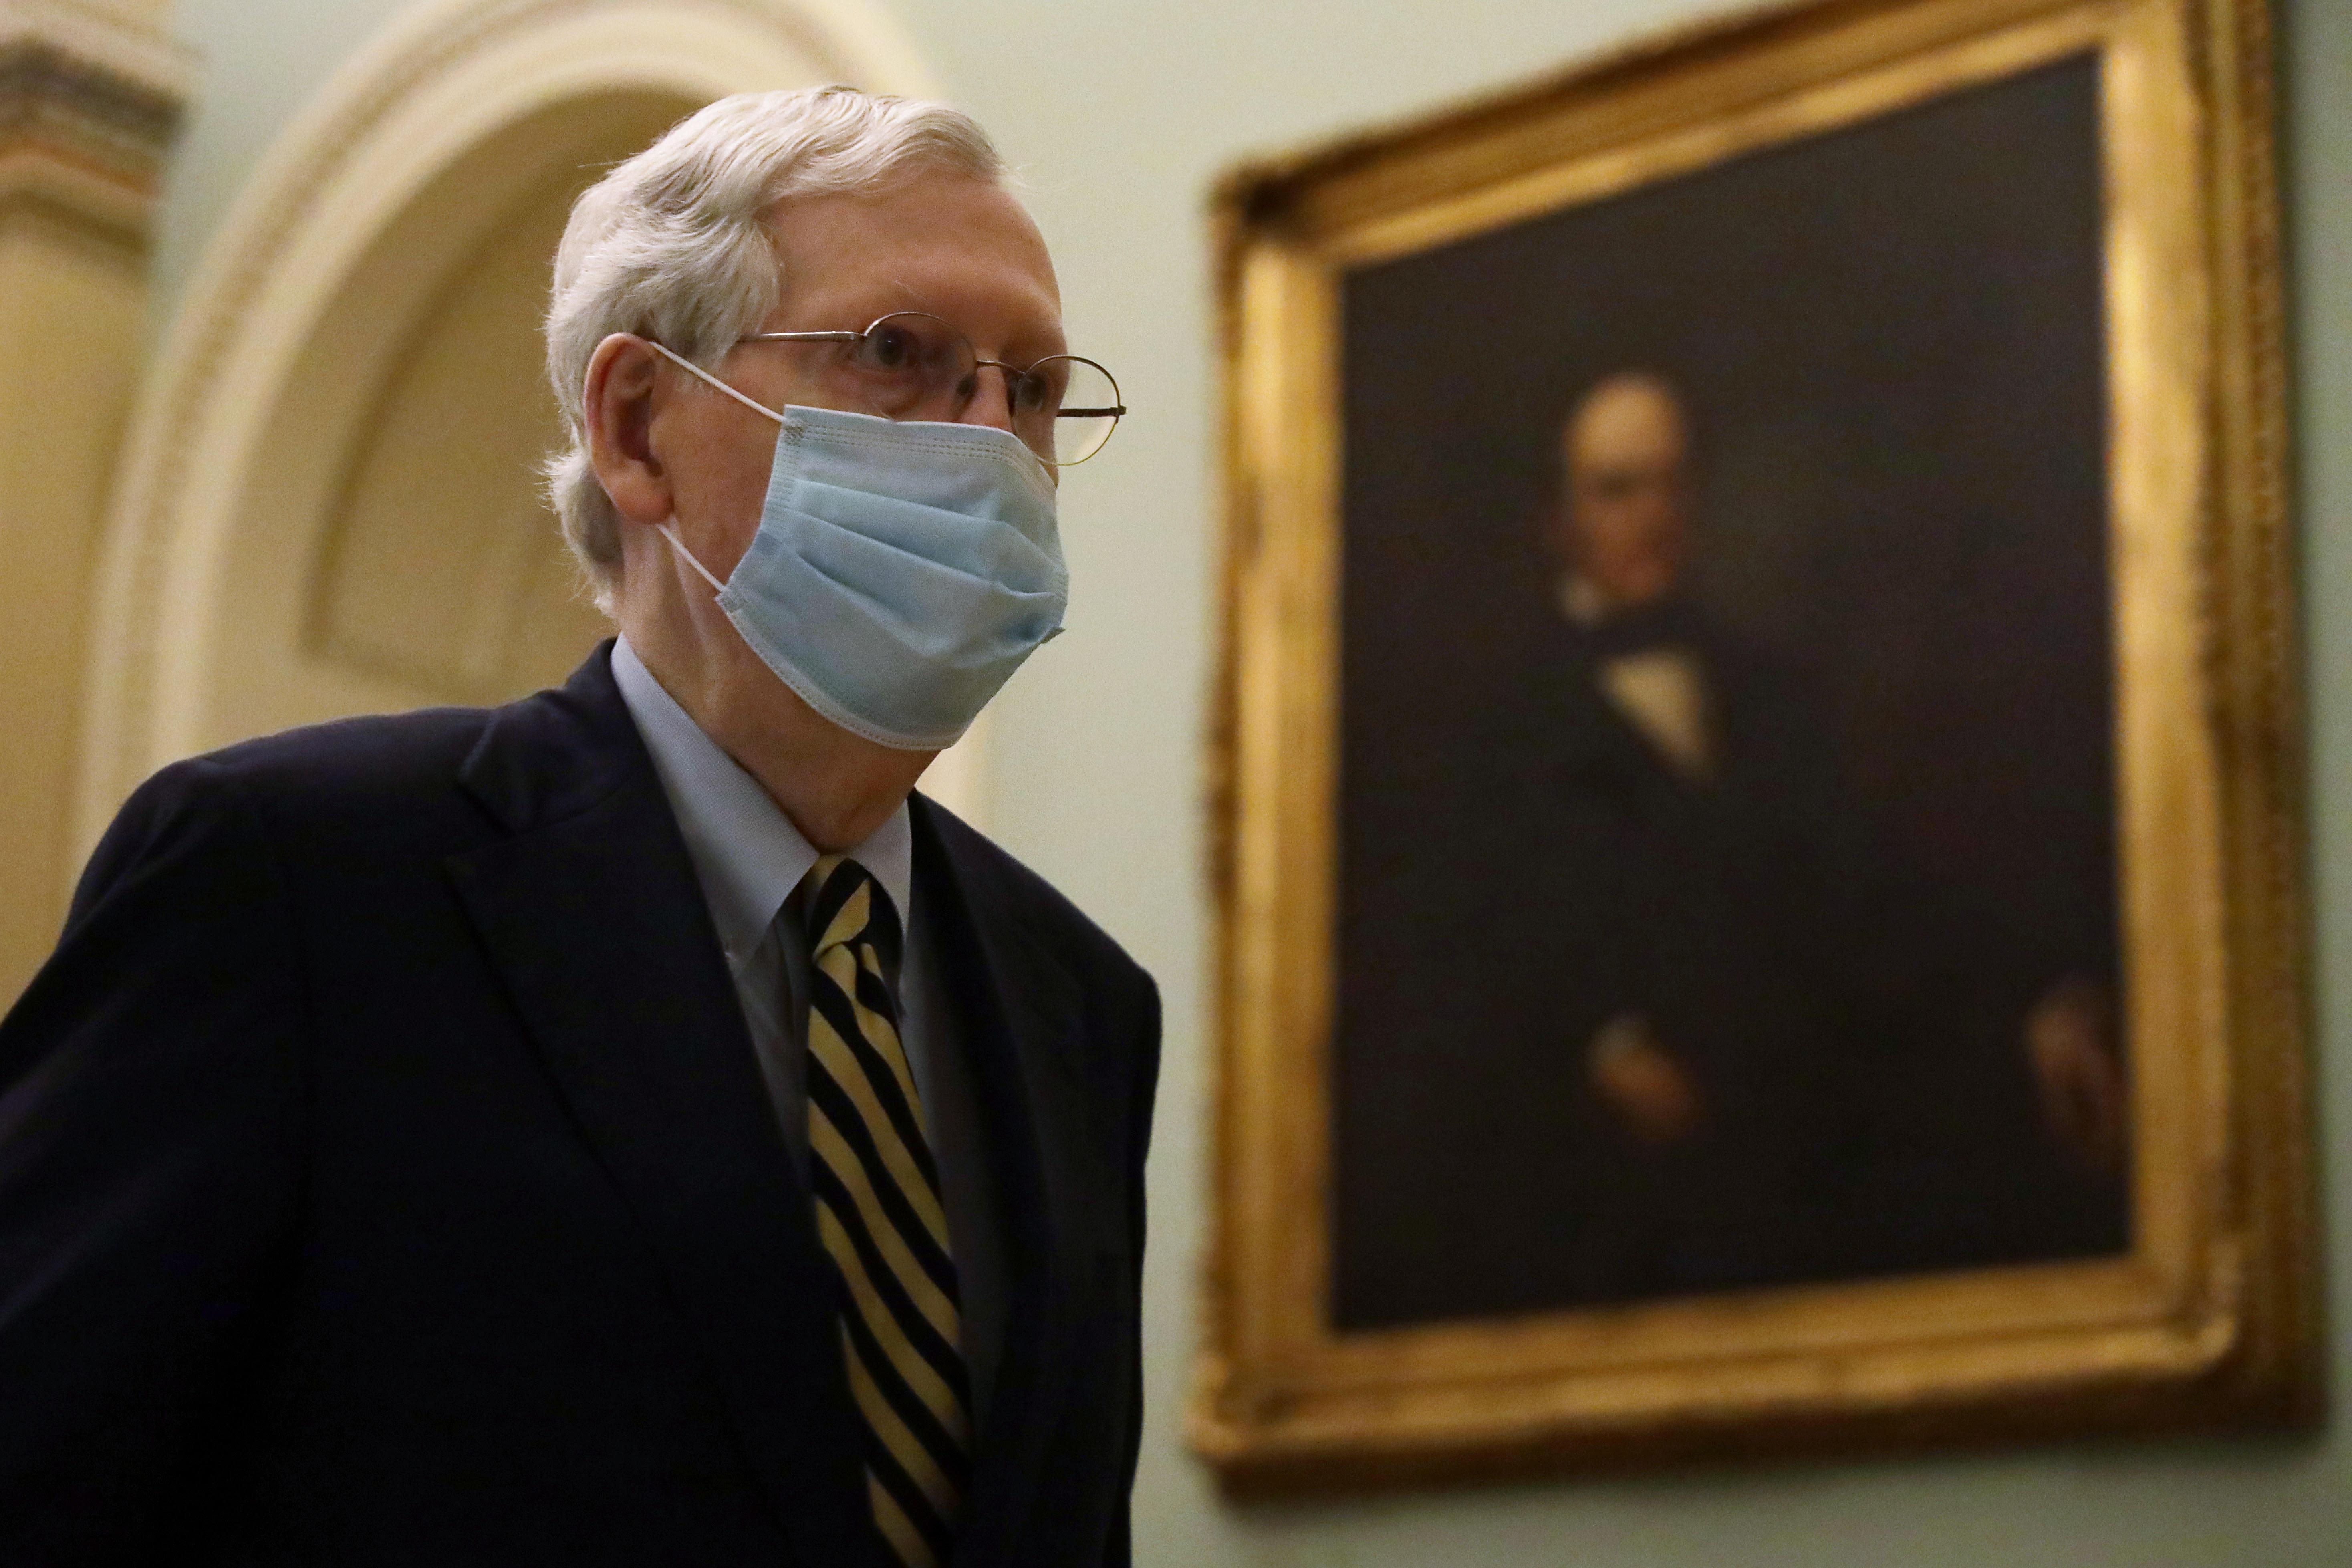 Senate set to take up new coronavirus bill later this month